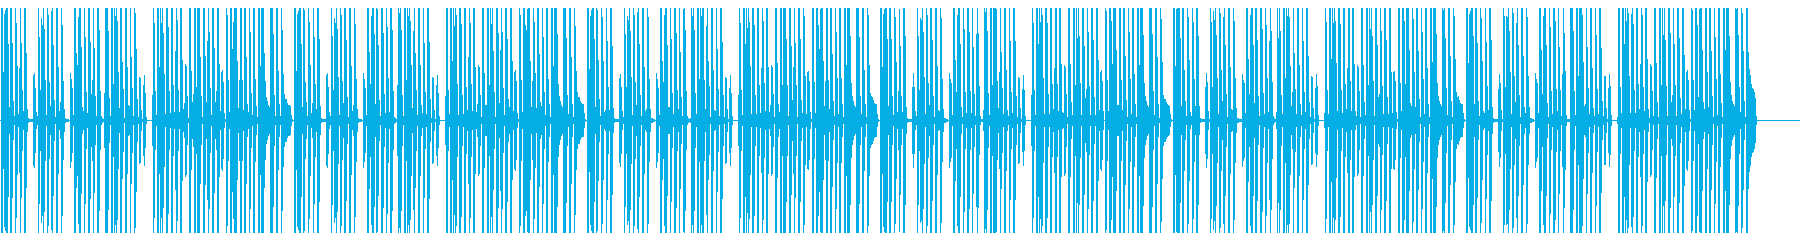 ほんわかした日常系BGMの再生済みの波形